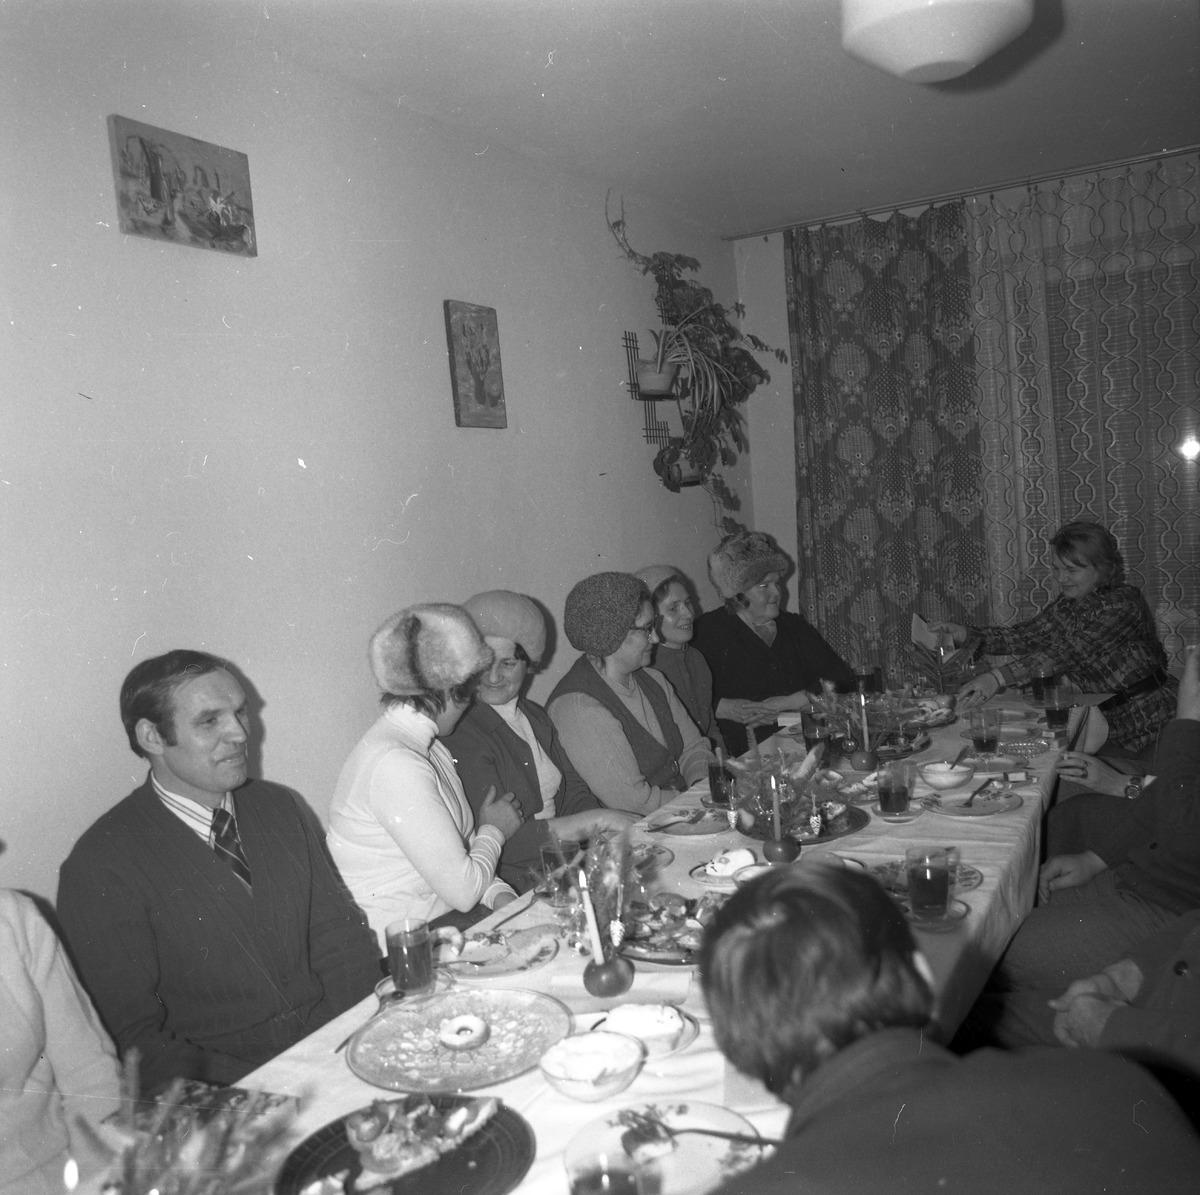 Spotkanie w klubie osiedlowym [2]